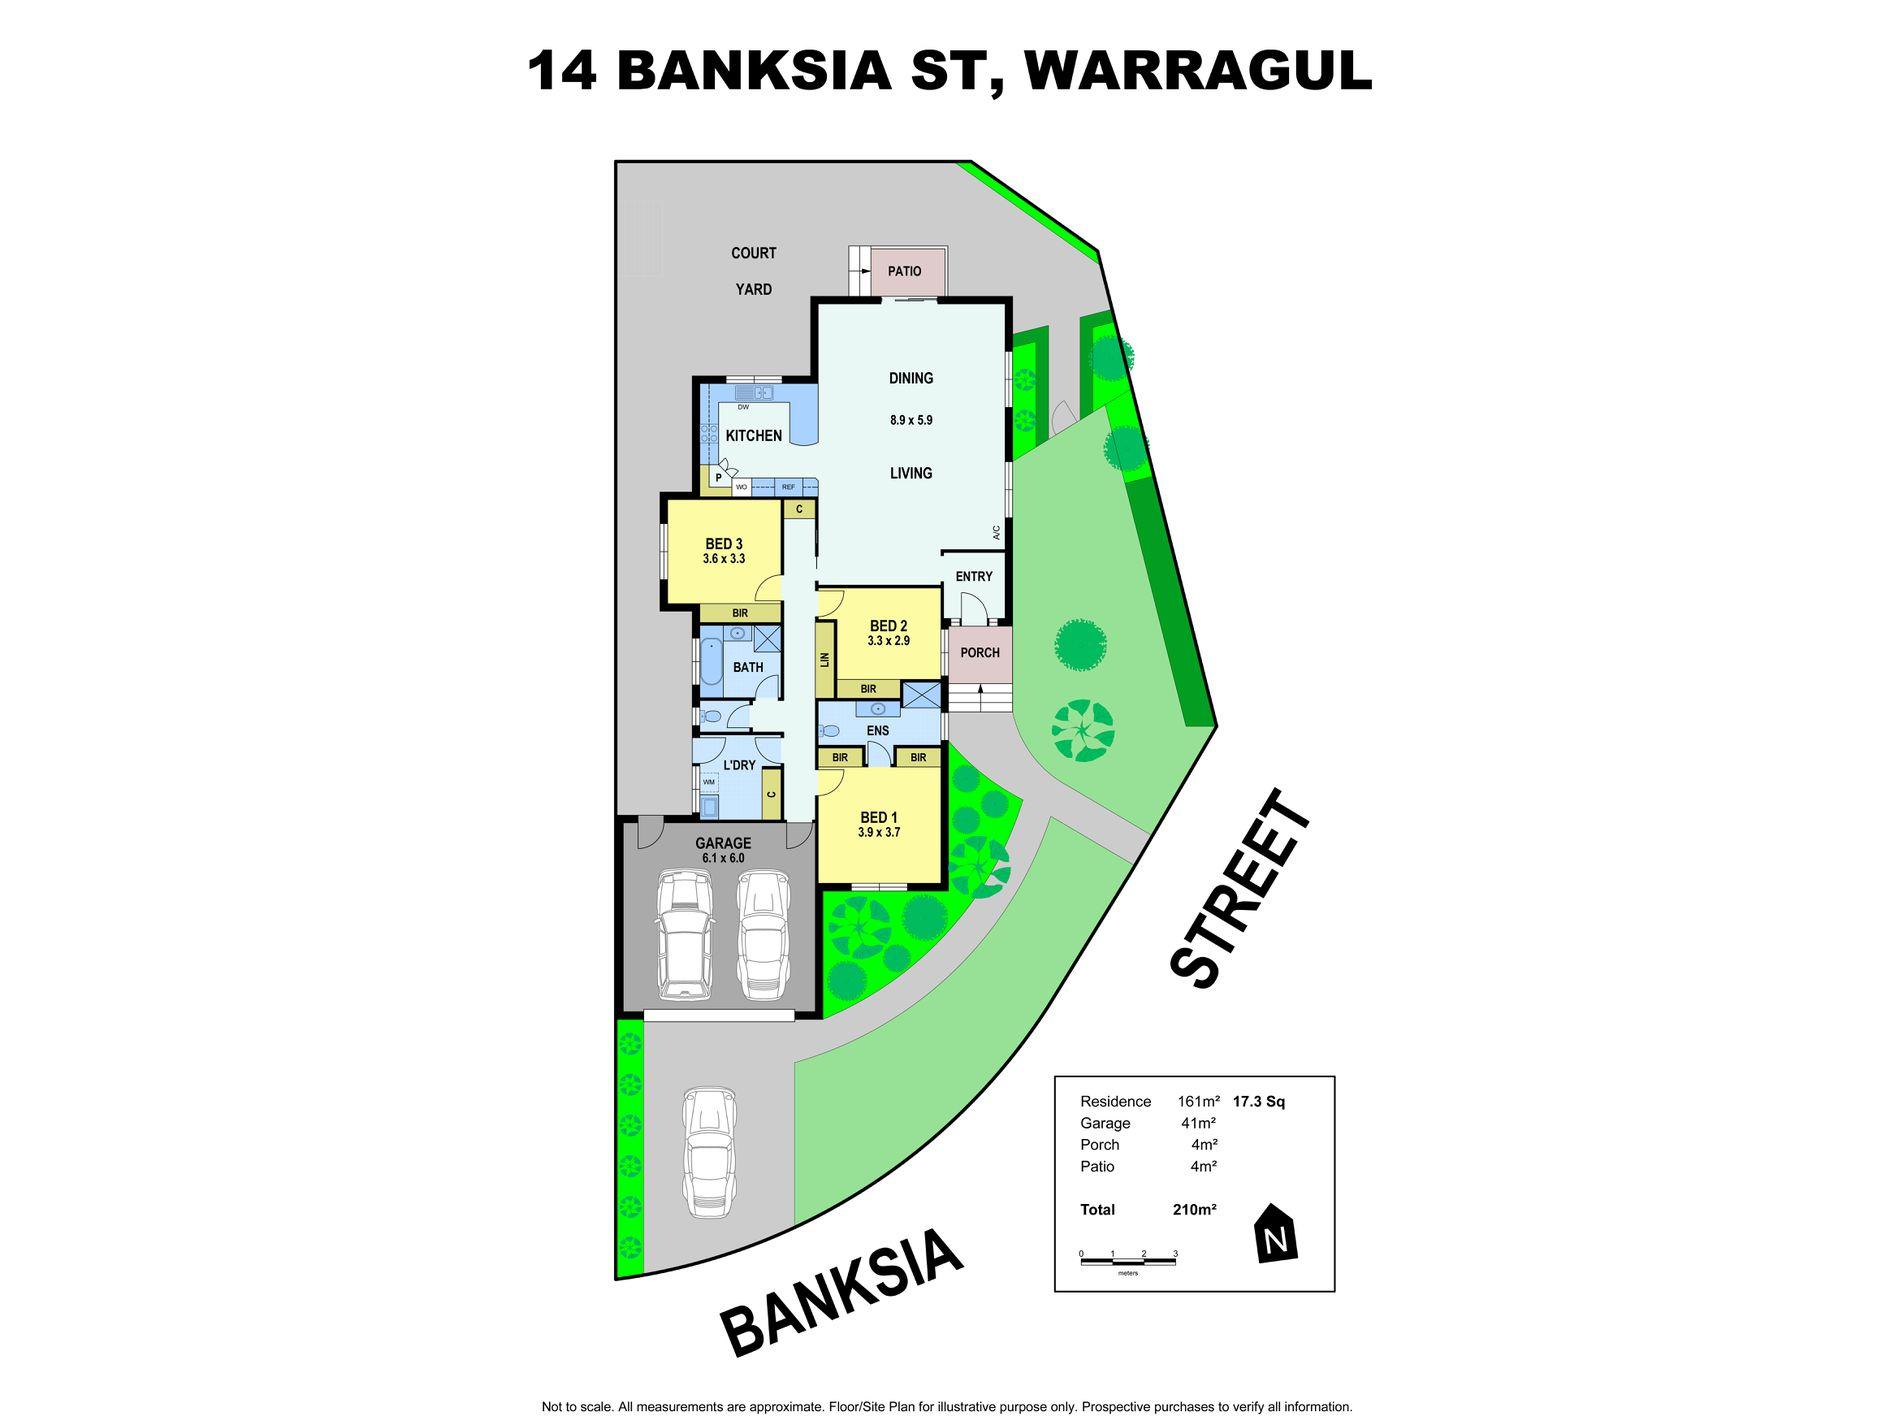 14 Banksia Street, Warragul